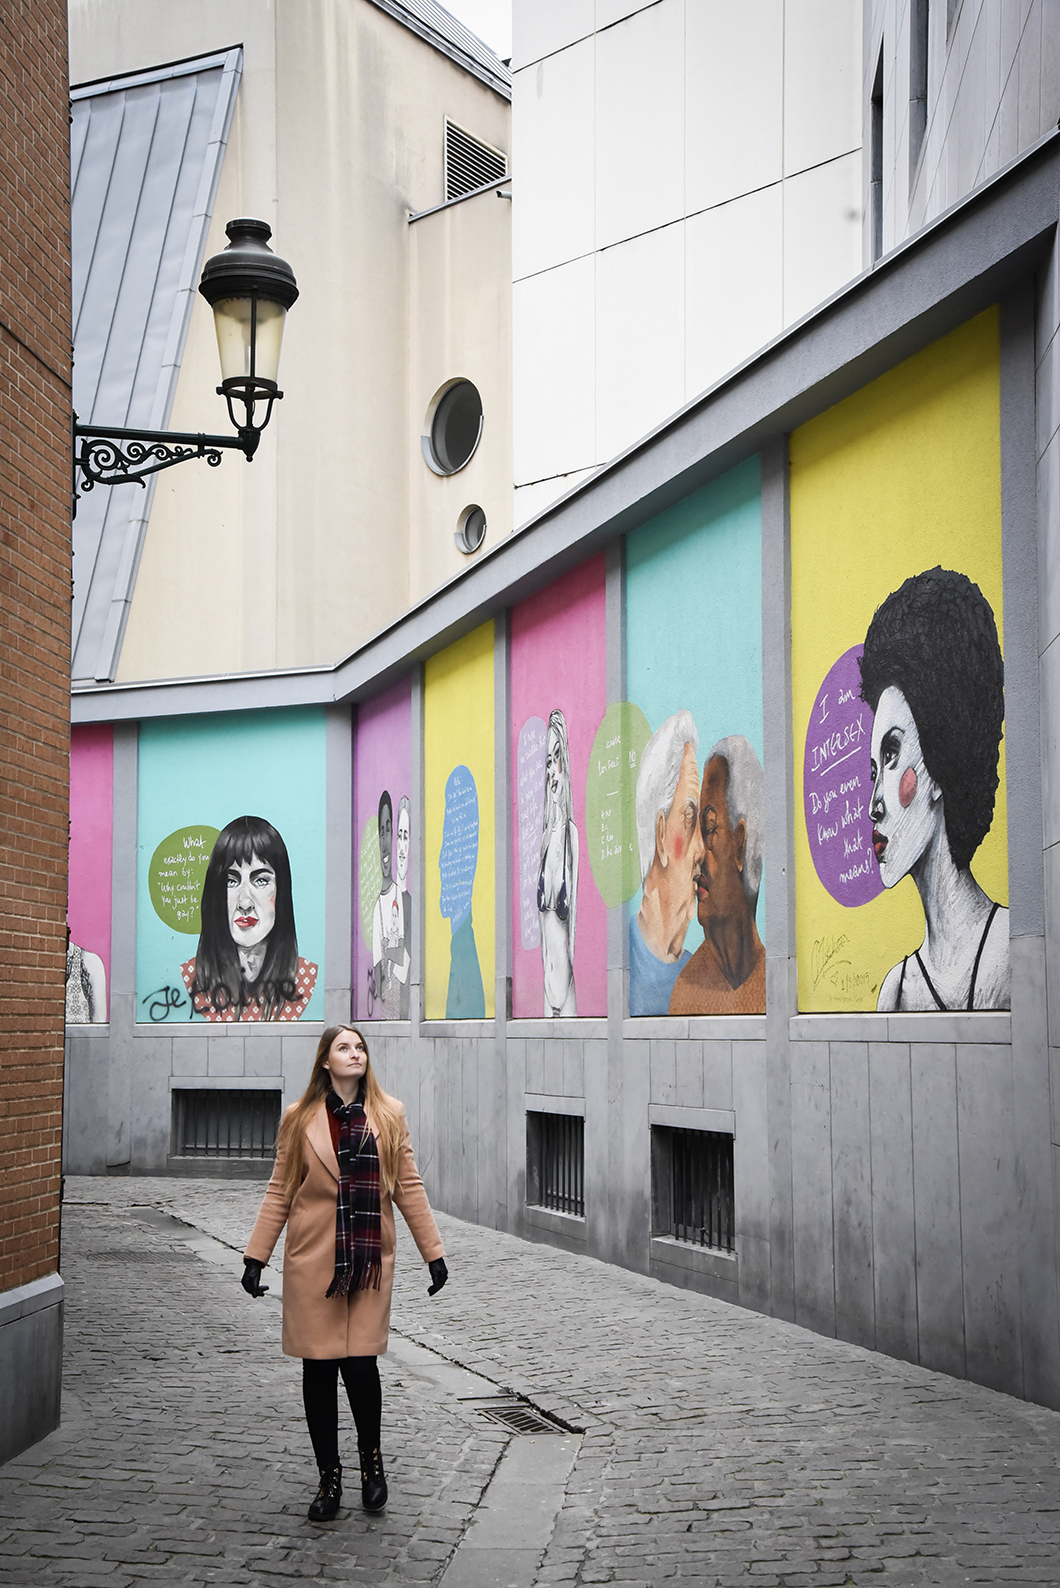 Un week end à Bruxelles - street art